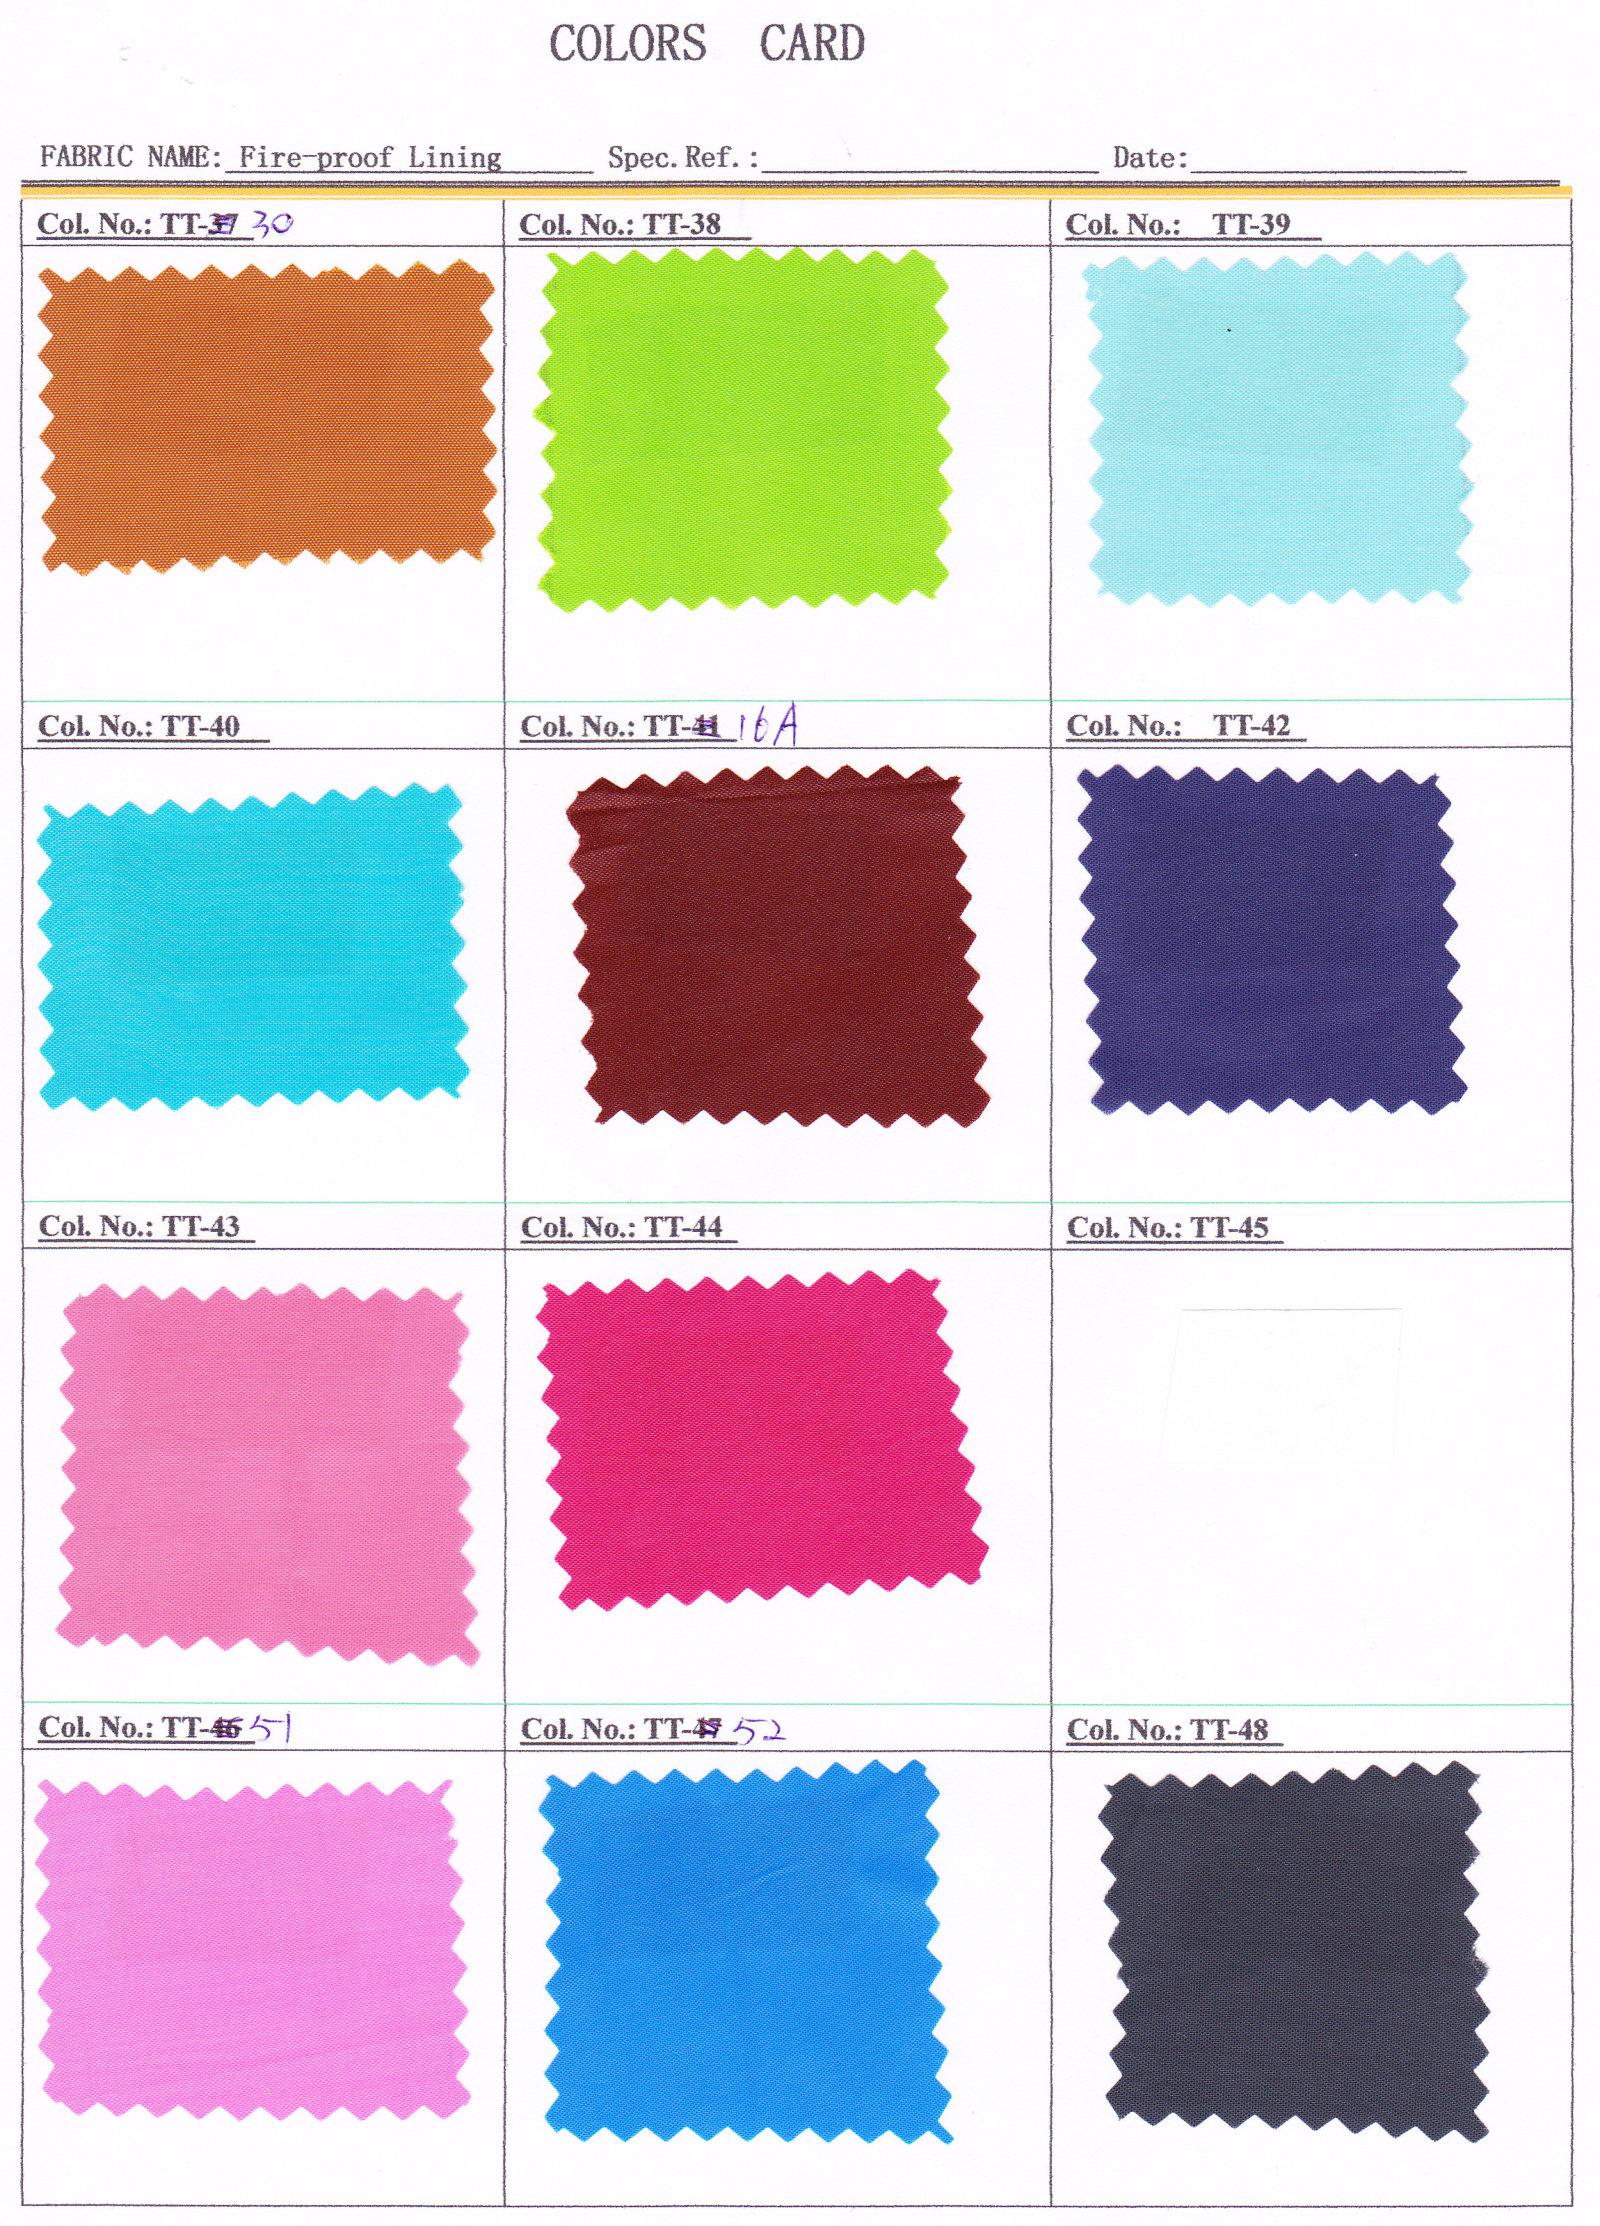 Prijzen en kleurenkaarten vlamwerend katoen en flanel stoffen groothandel online - Doek flanel personen ...